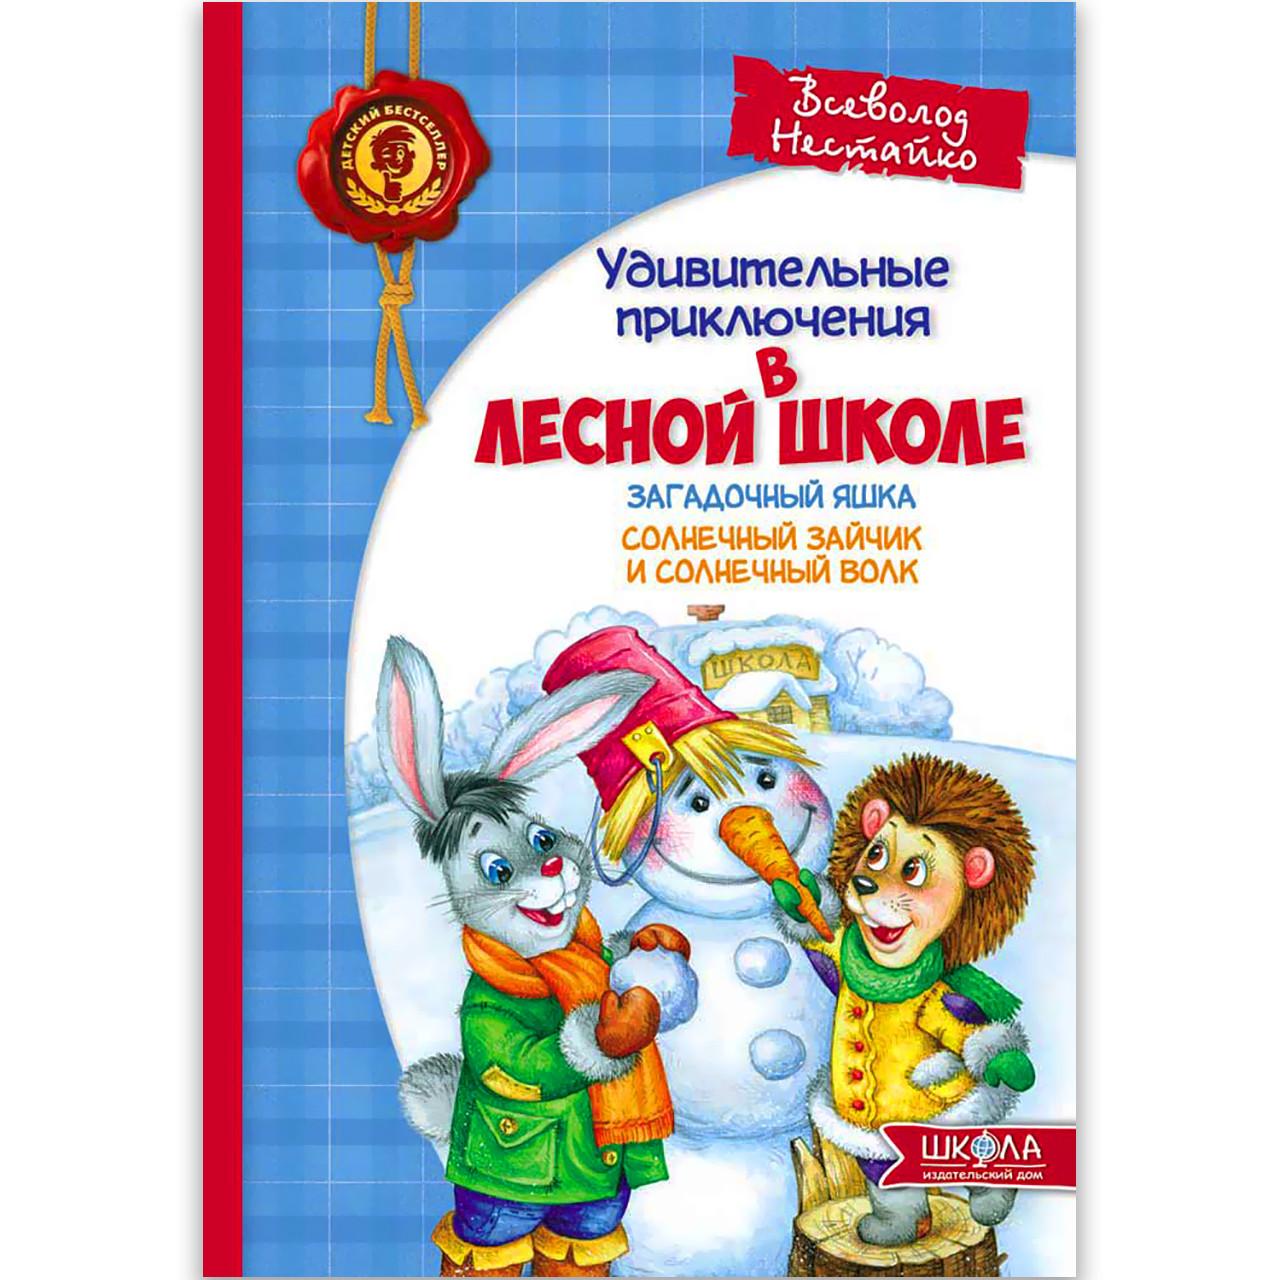 Удивительные приключения в лесной школе Книга 3 Загадочный Яшка Авт: Нестайко В. Изд: Школа